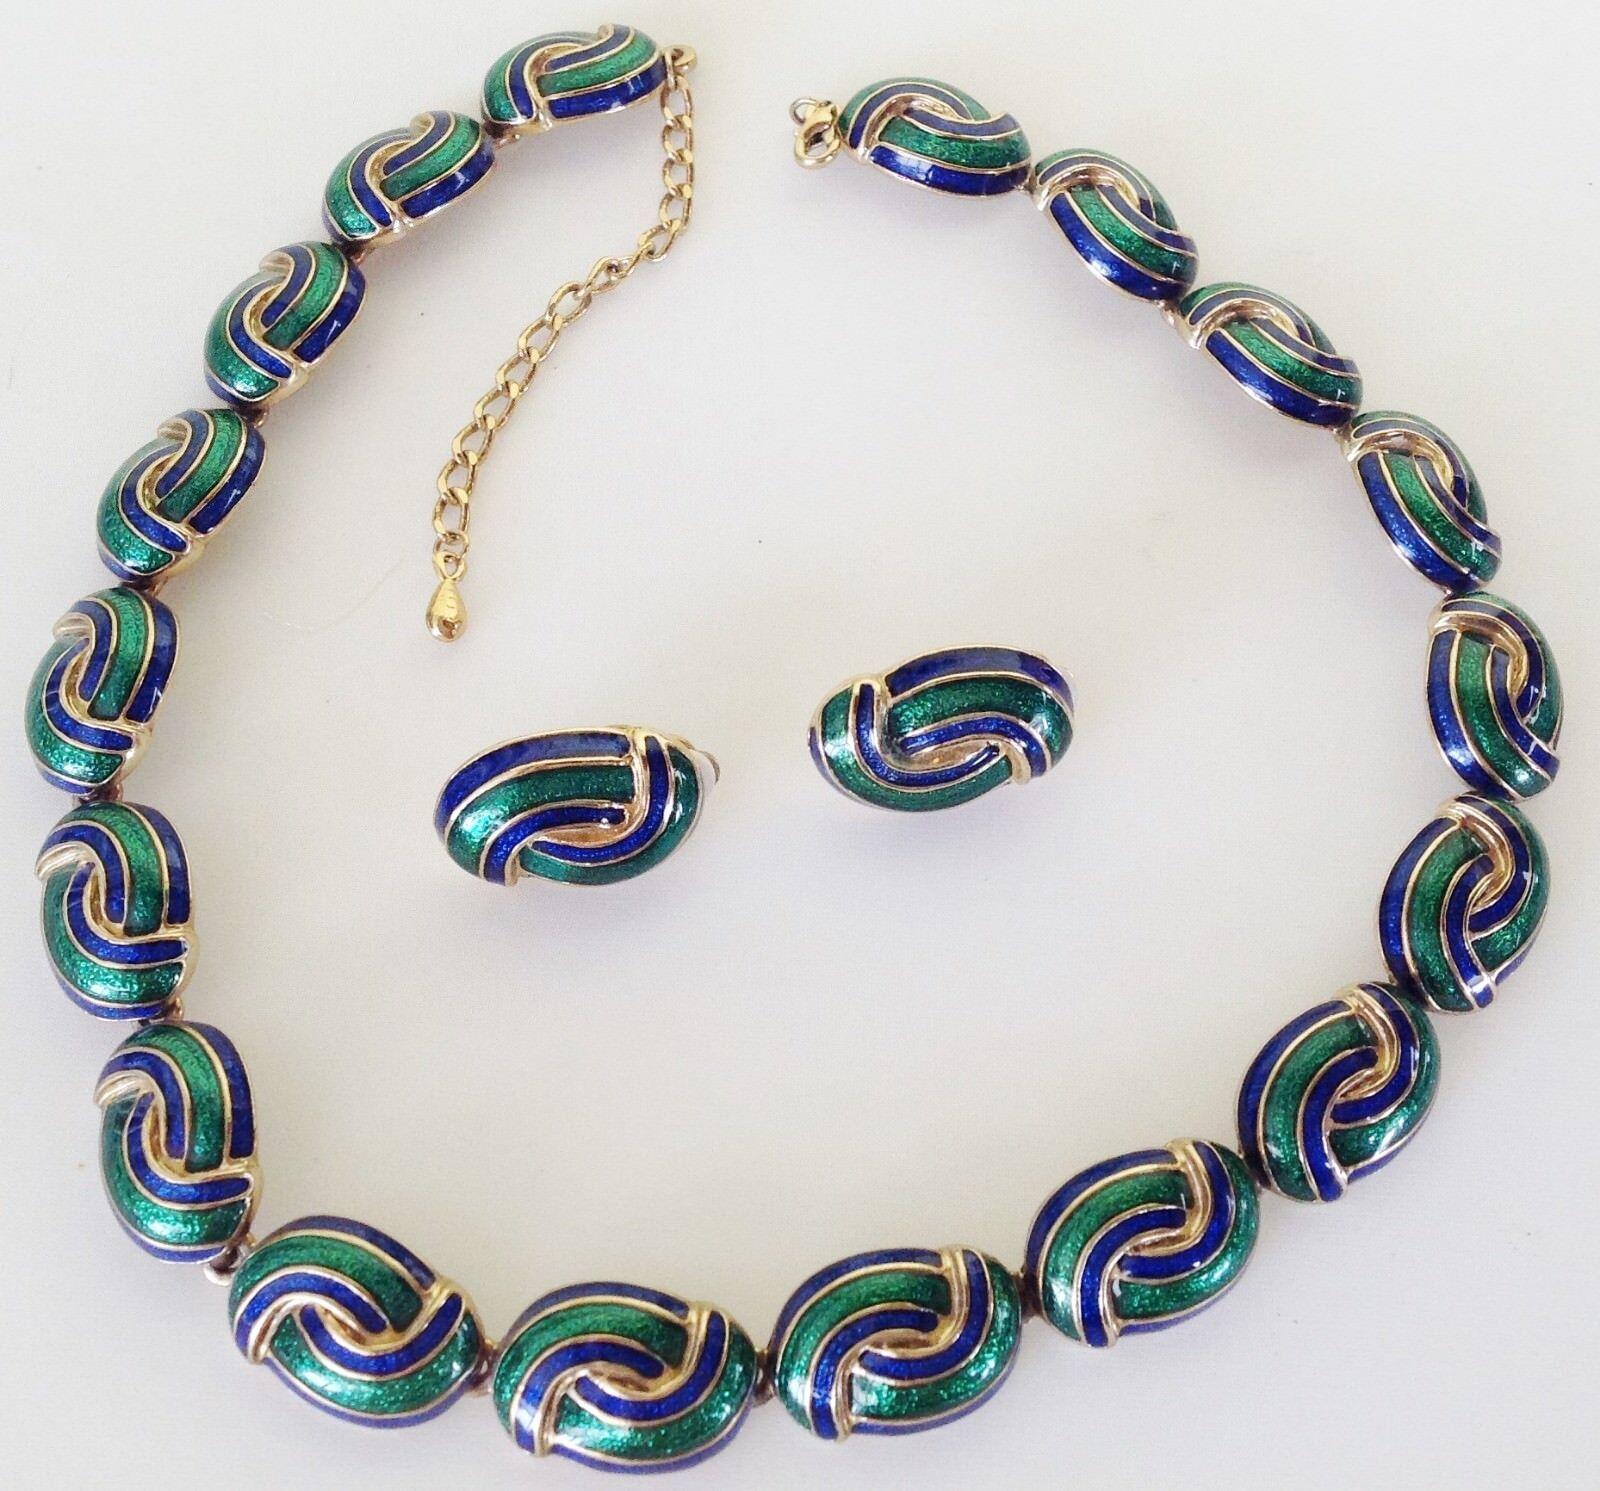 Parure collier B.O vintage maillon relief émail green et blue color or 446